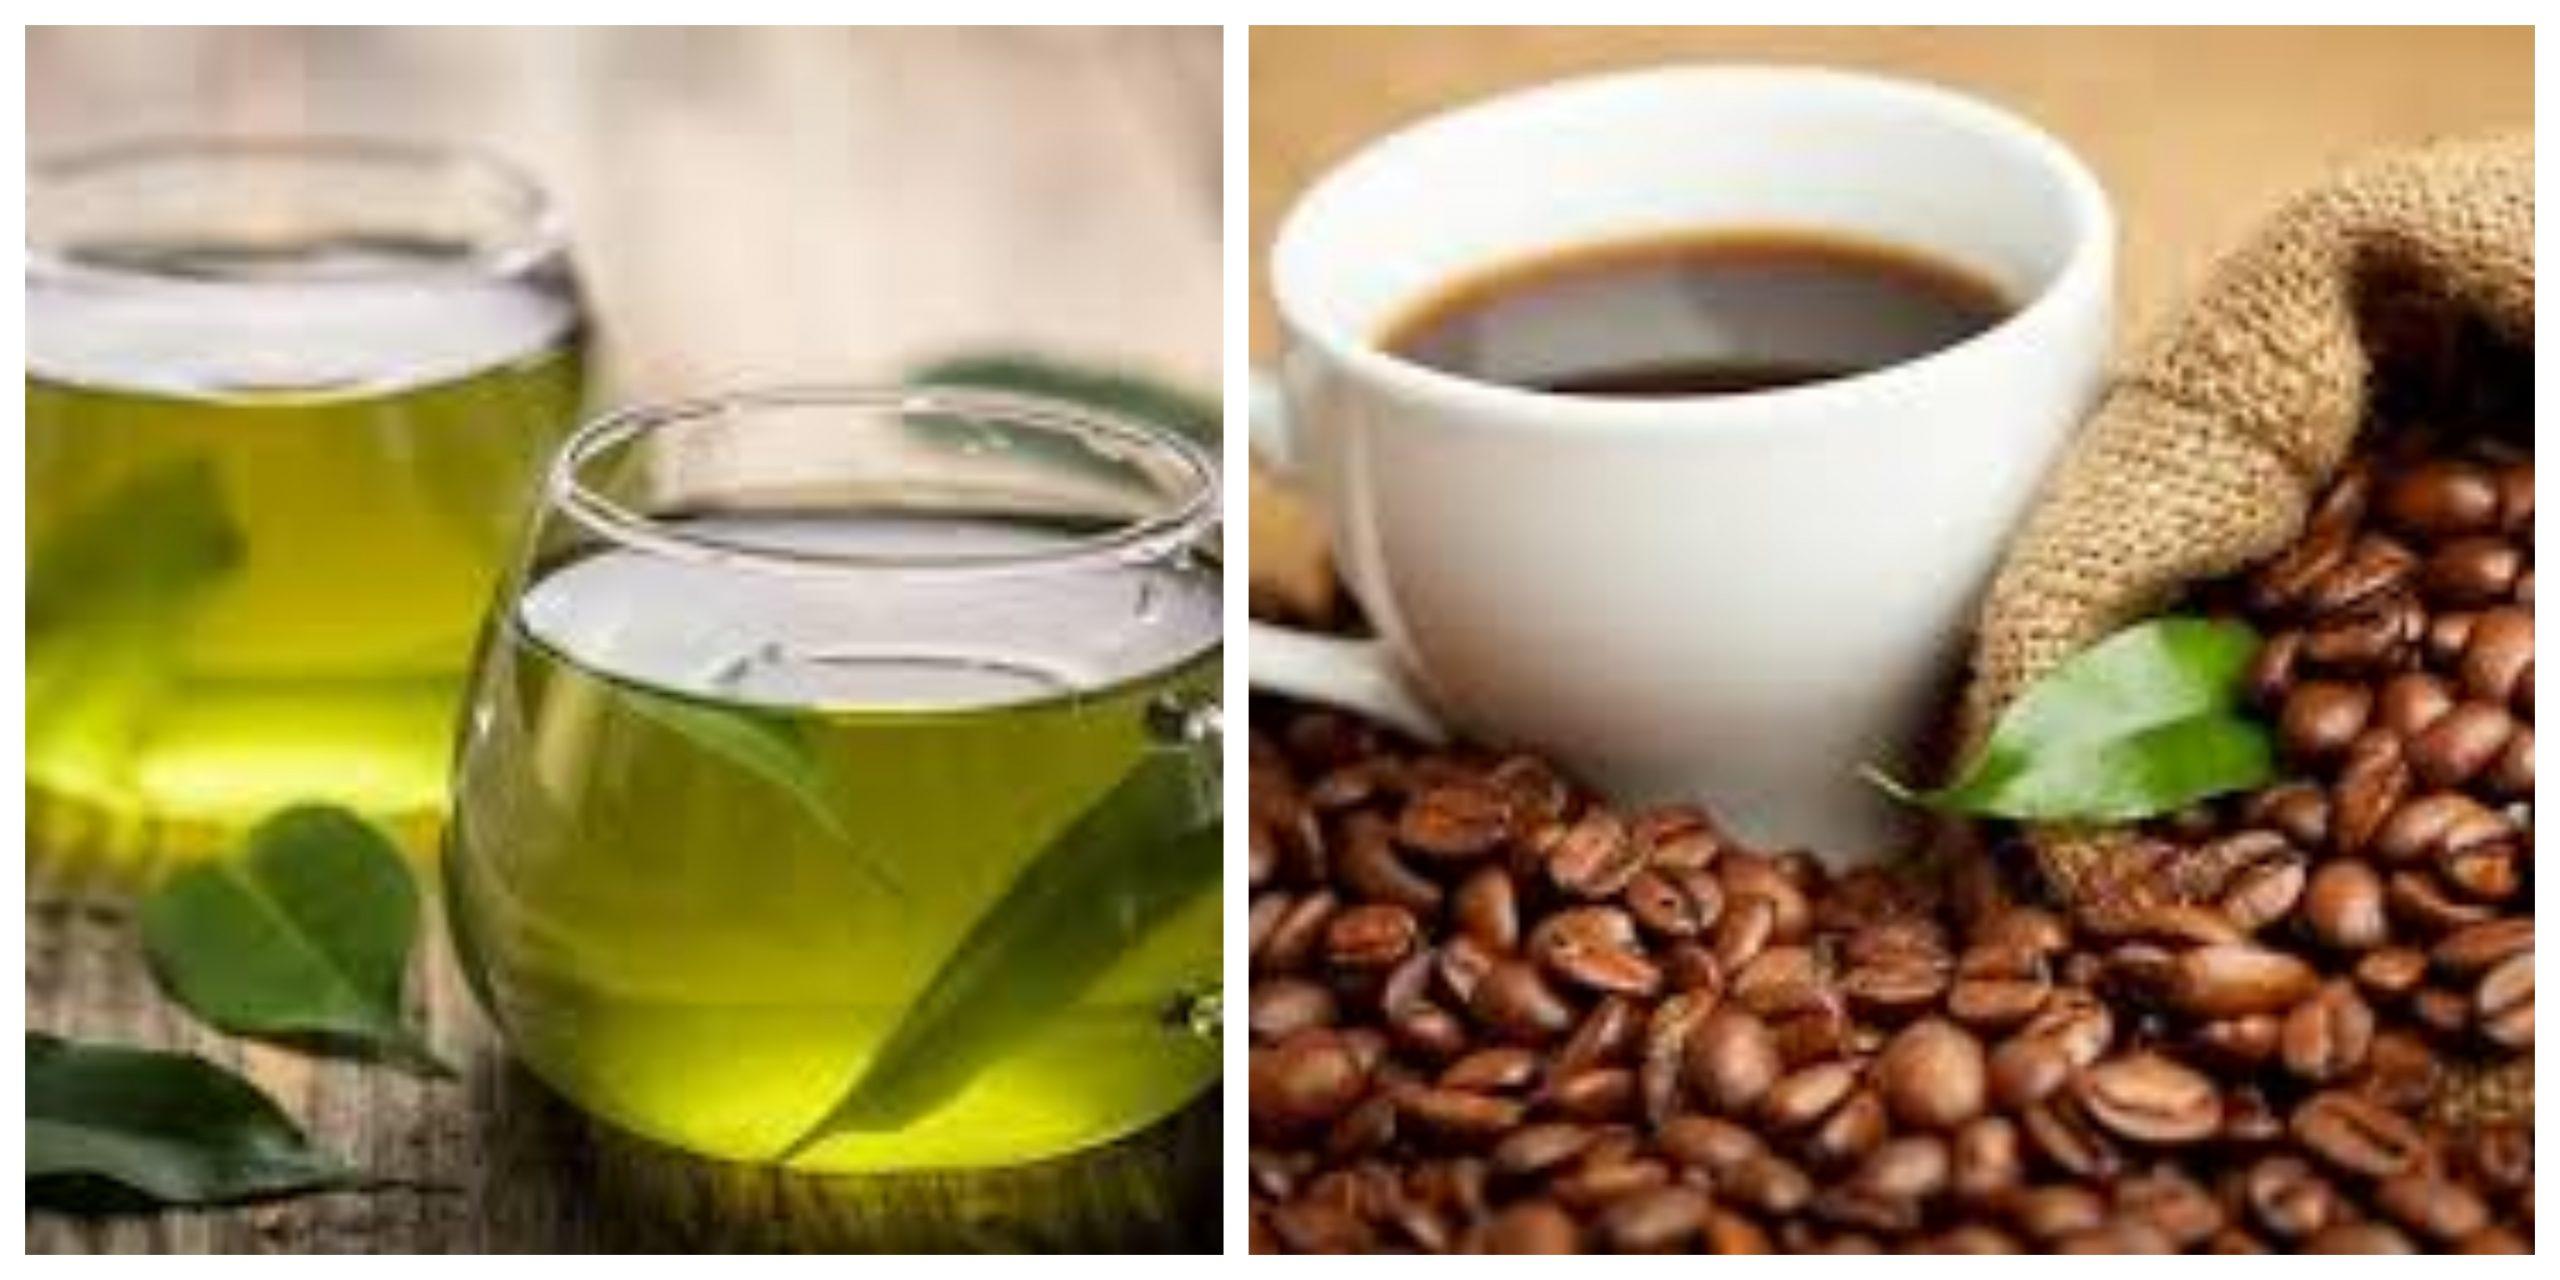 وصفة القهوة والشاي الأخضر السحرية لمقاومة مرض السكري